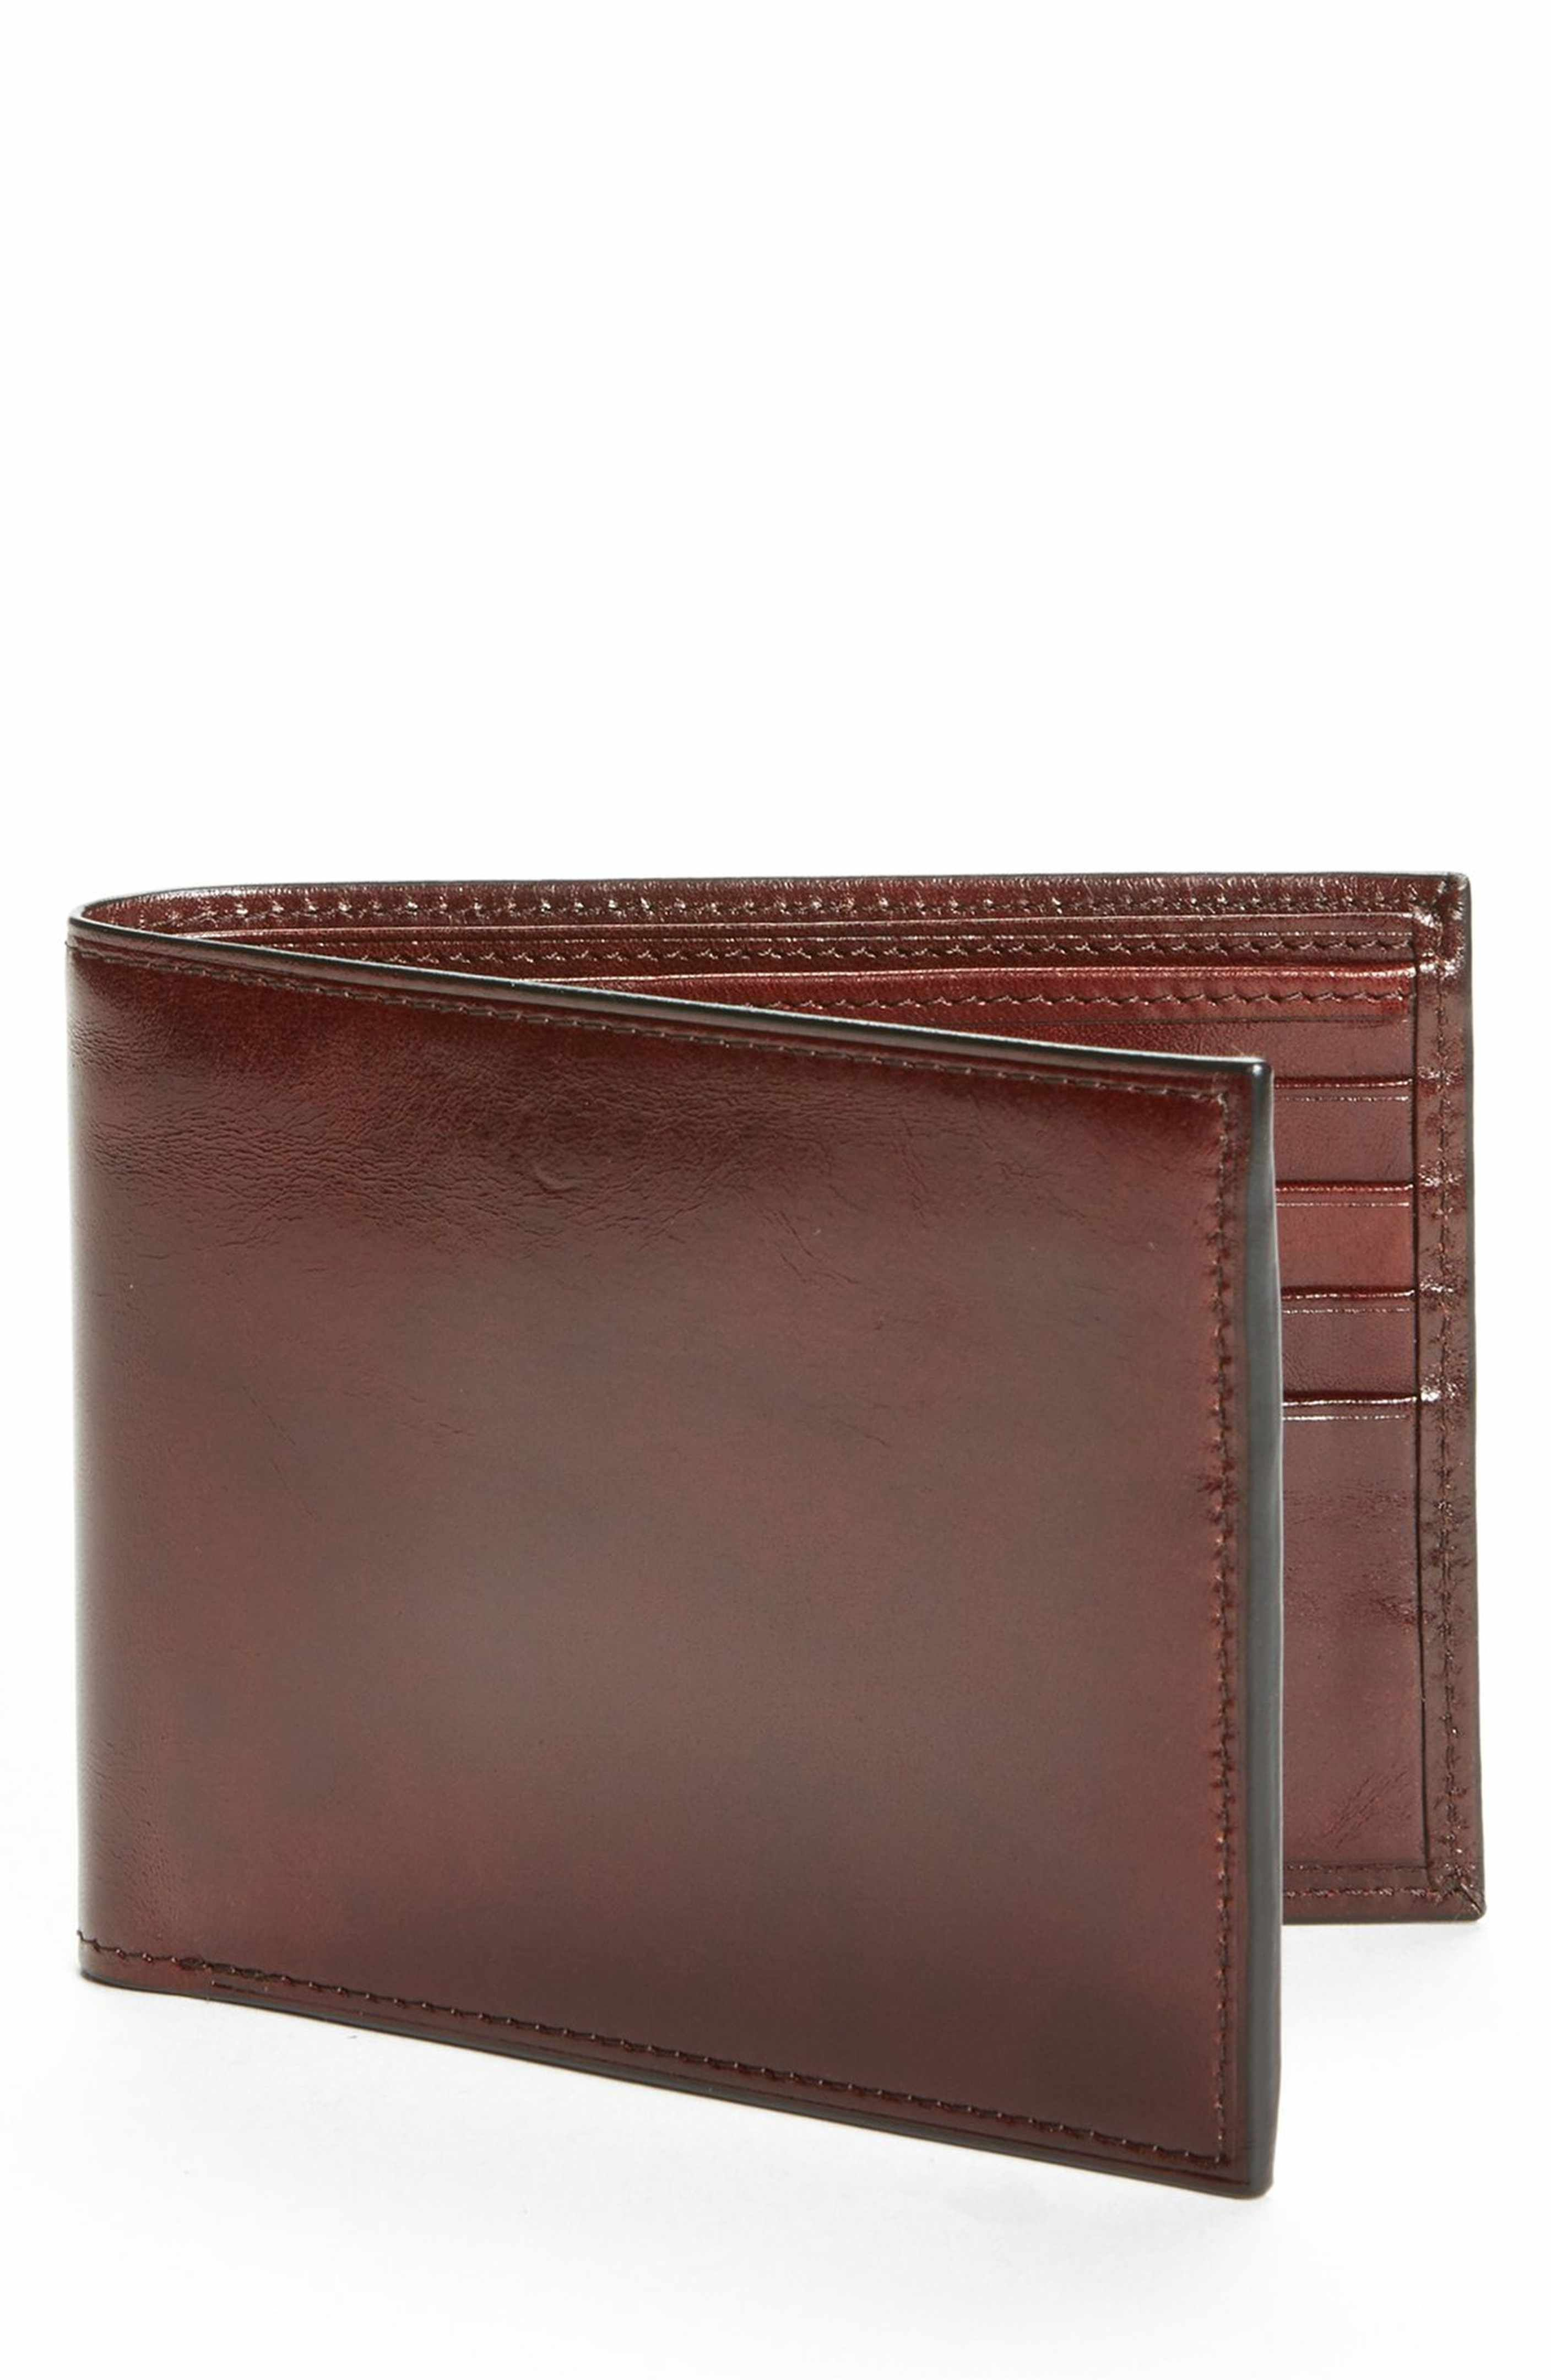 Leather Slimfold Wallet - Love by VIDA VIDA bY1UysP